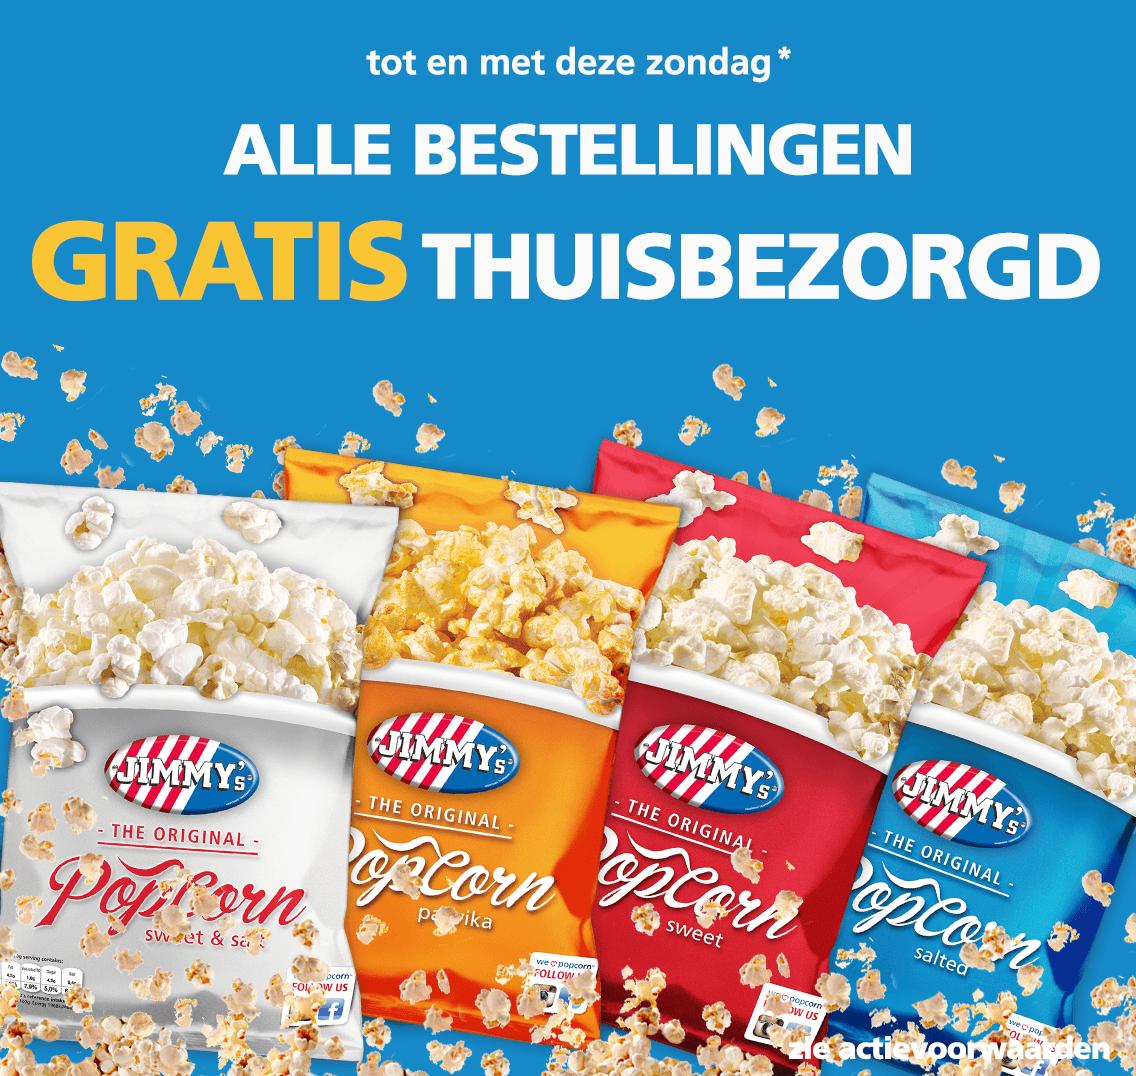 JIMMY'S bioscoop popcorn/nachos en ect. - Gratis Thuisbezorgd!